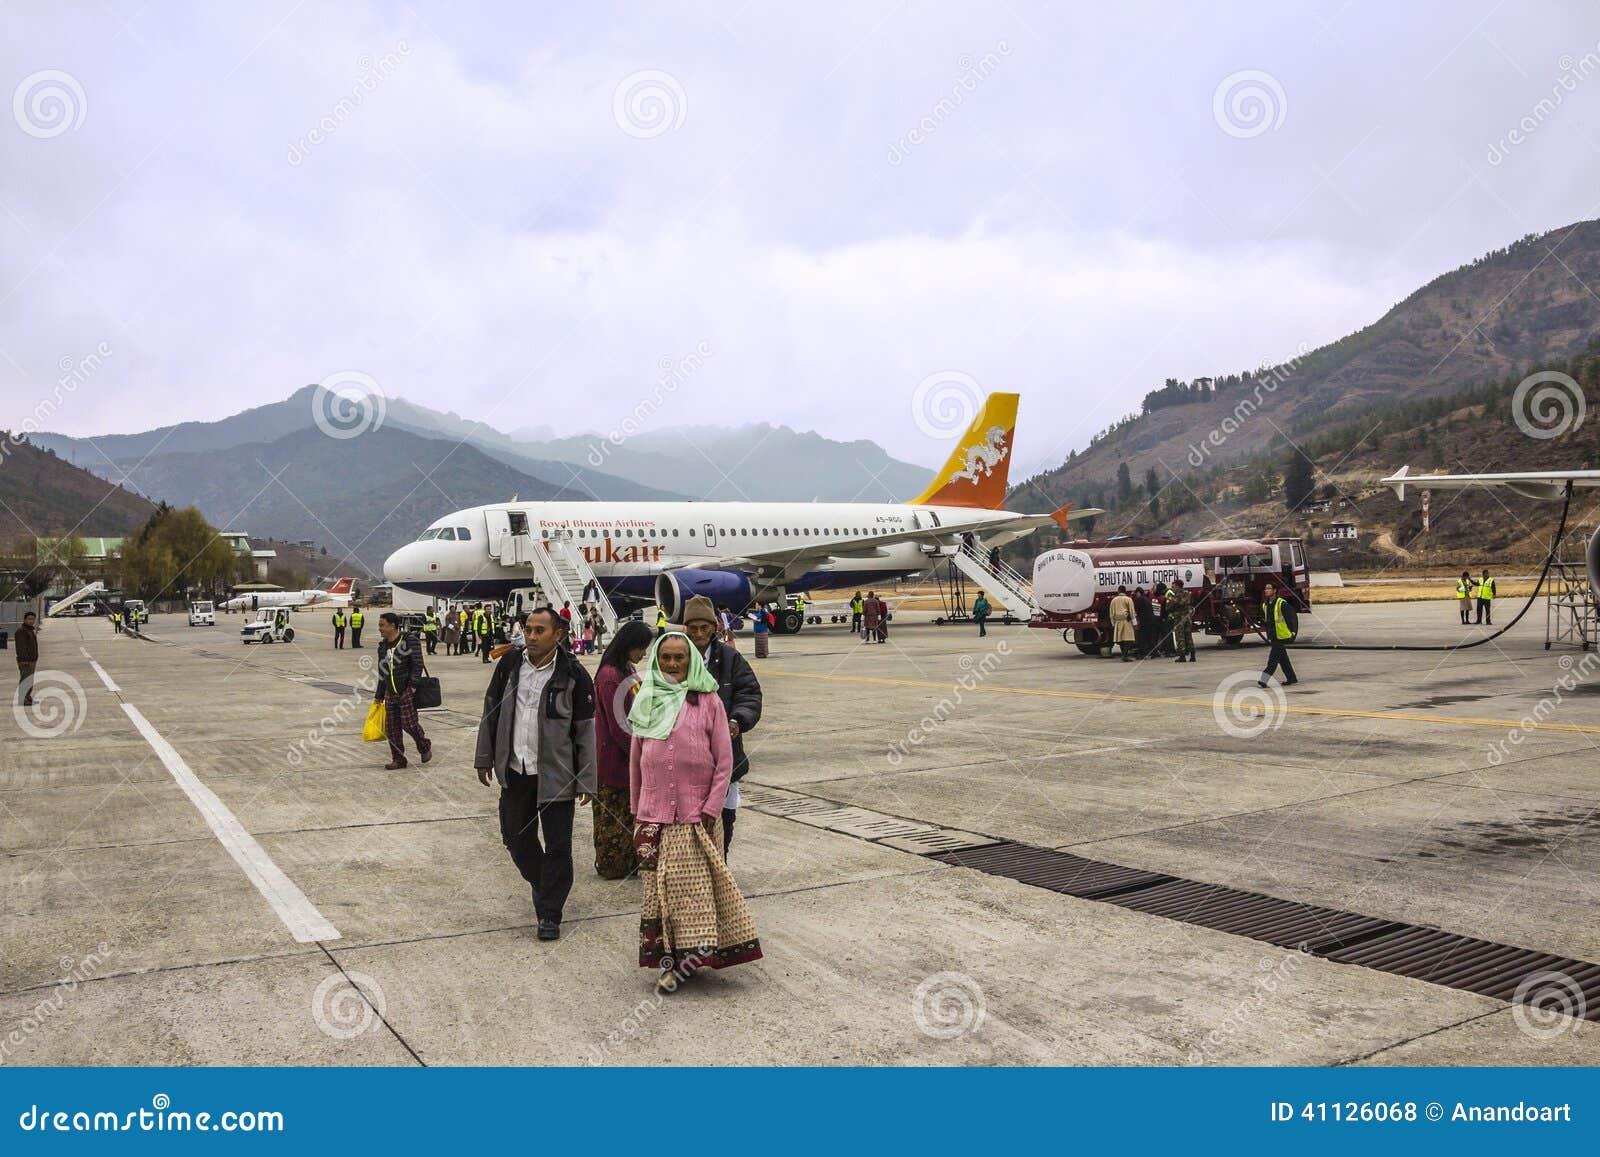 Paro Airport Bhutan Editorial Stock Photo Image Of Bhutanese